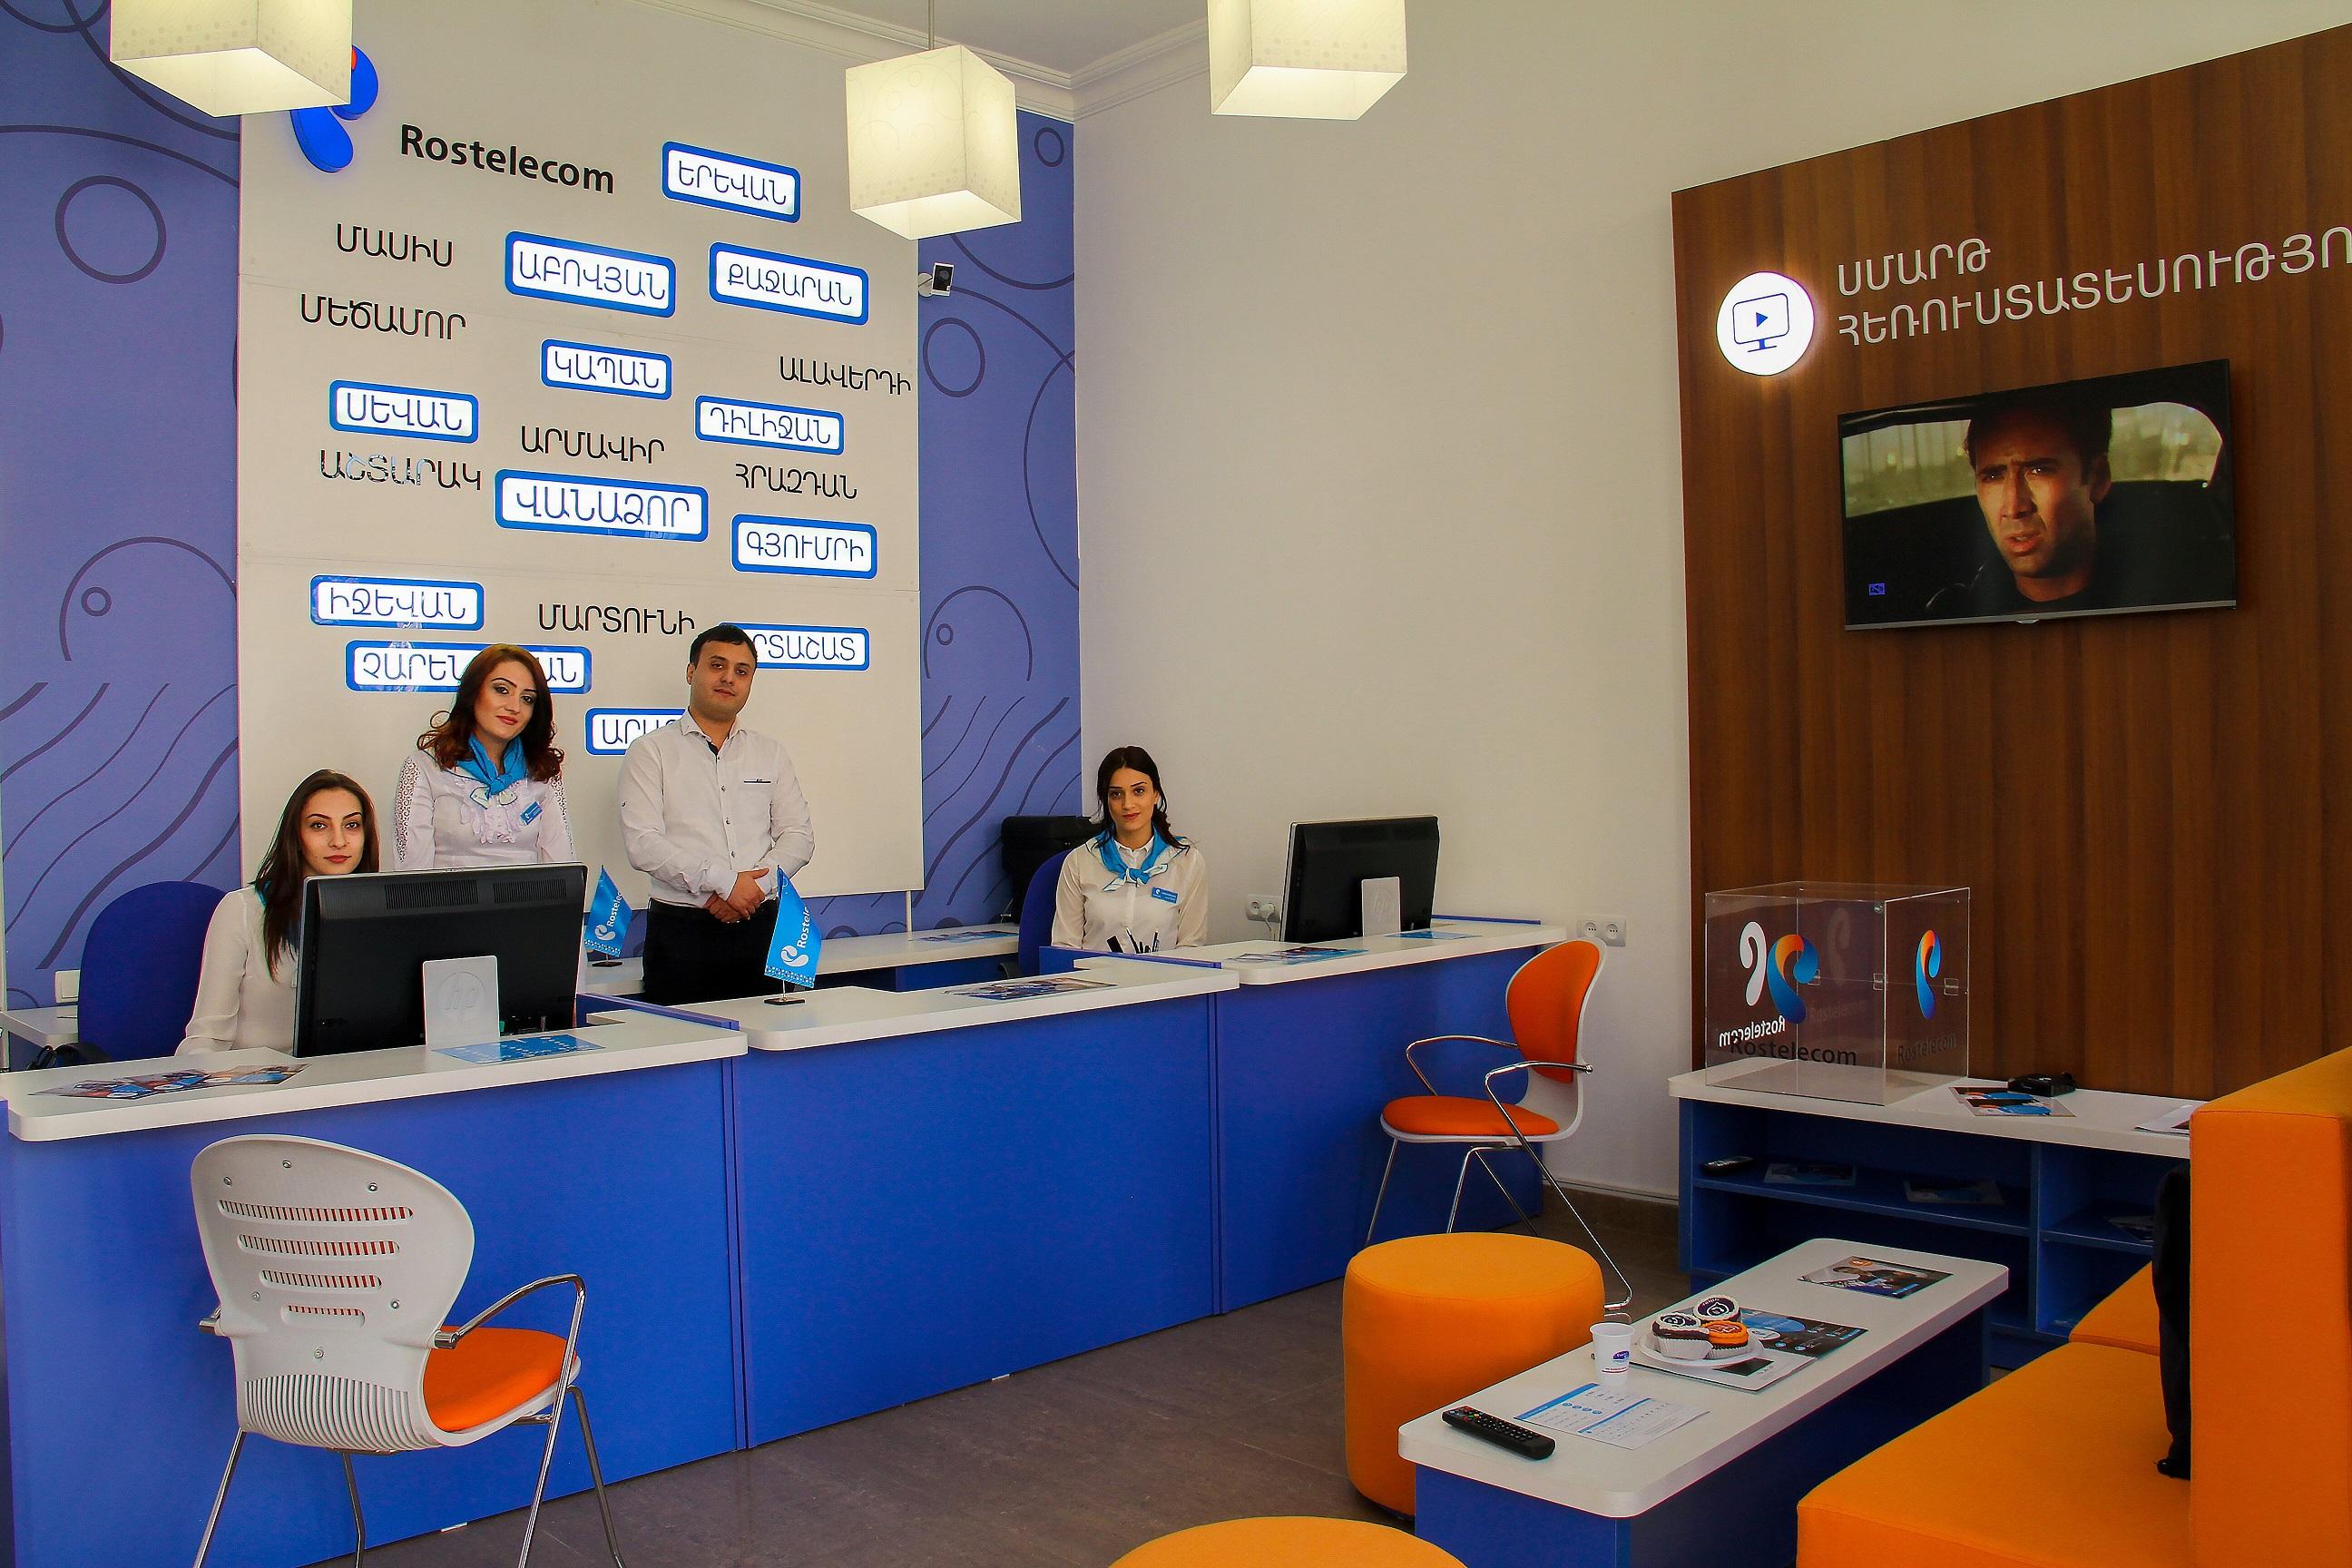 Ռոստելեկոմ. Վանաձորում բացվեց ընկերության արդի վաճառքի և սպասարկման սրահը